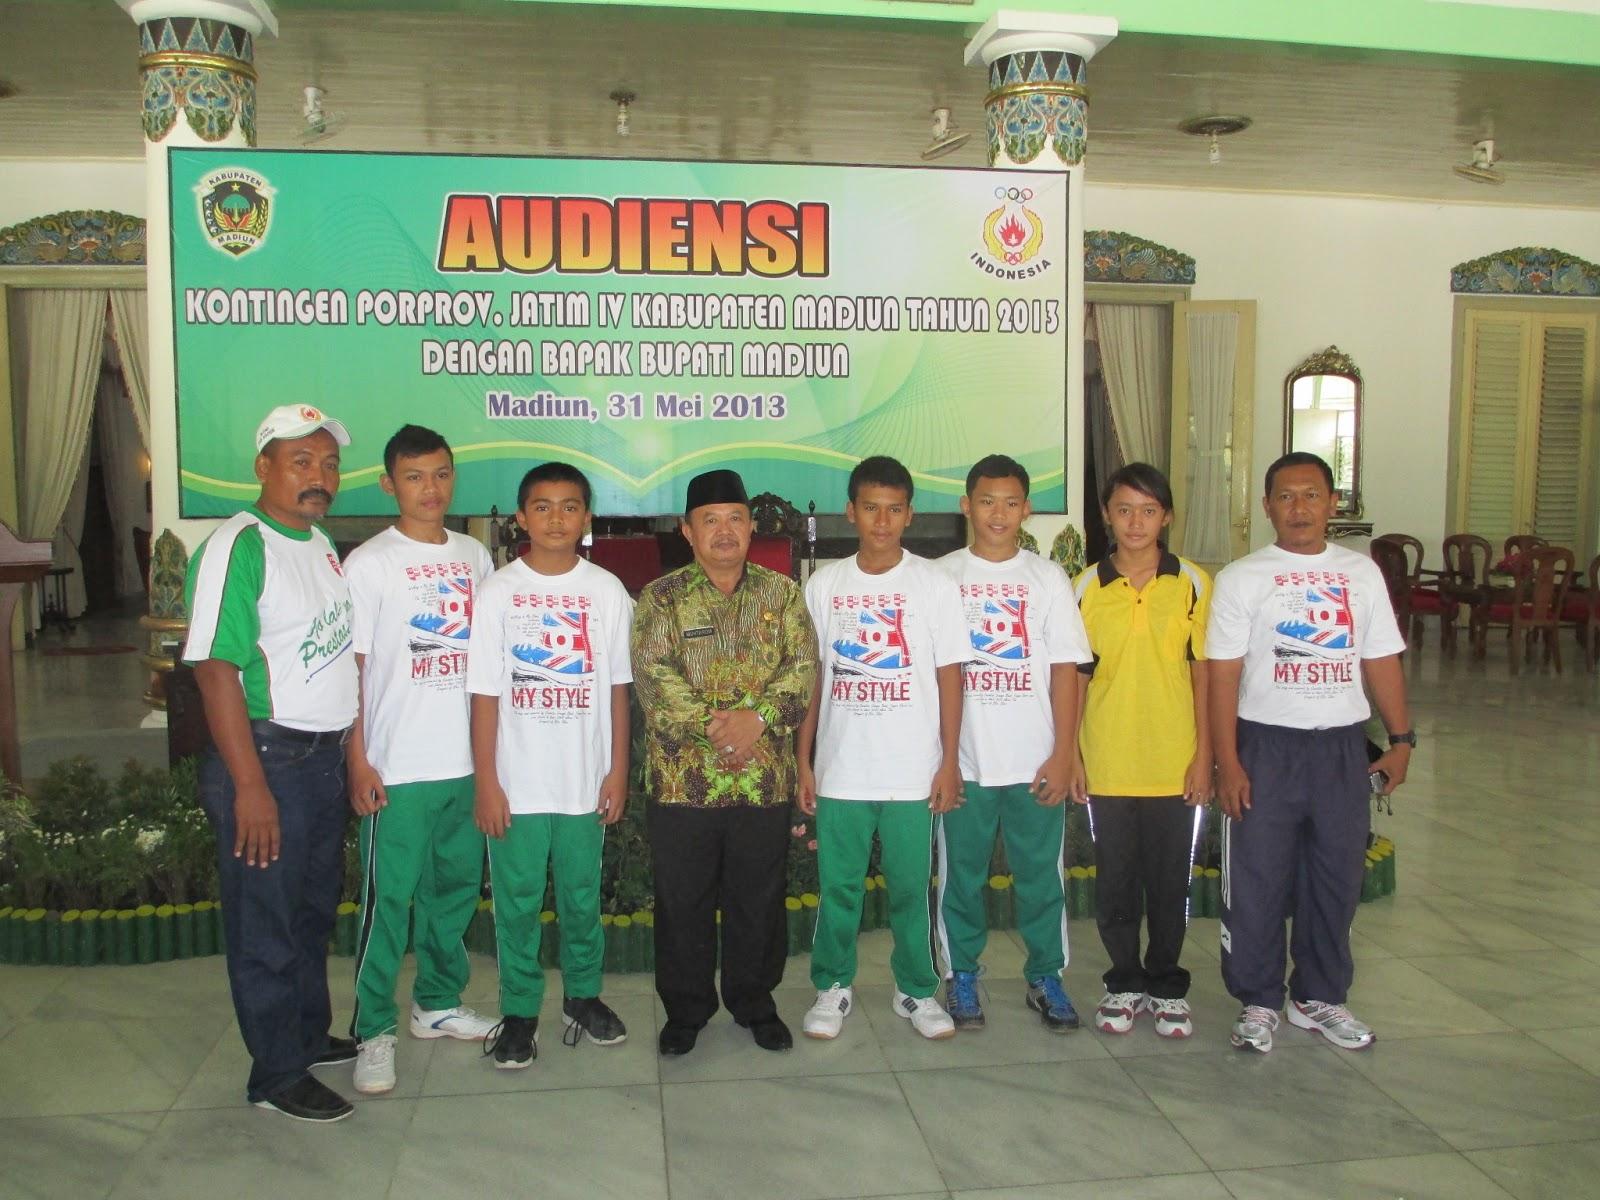 Piranha Swimming Club Madiun Galeri Foto Bersama Atlit Kabupaten Bupati